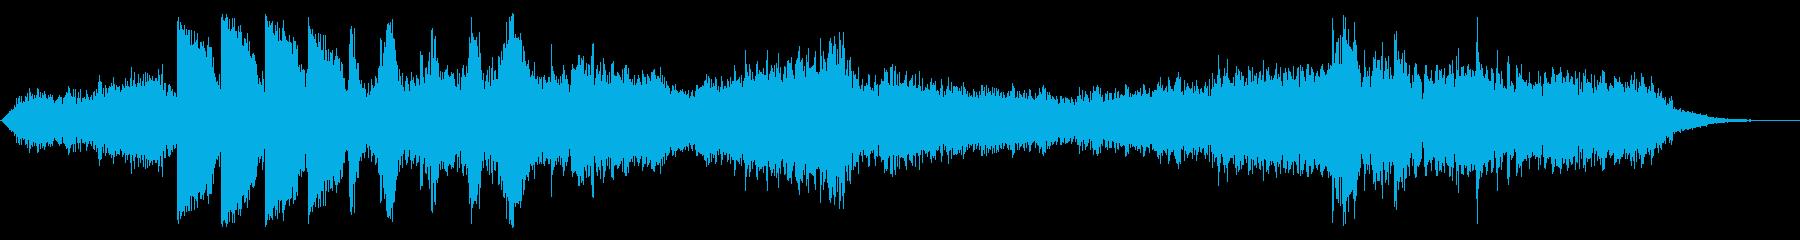 ダークなアンビエント ブラス無版の再生済みの波形